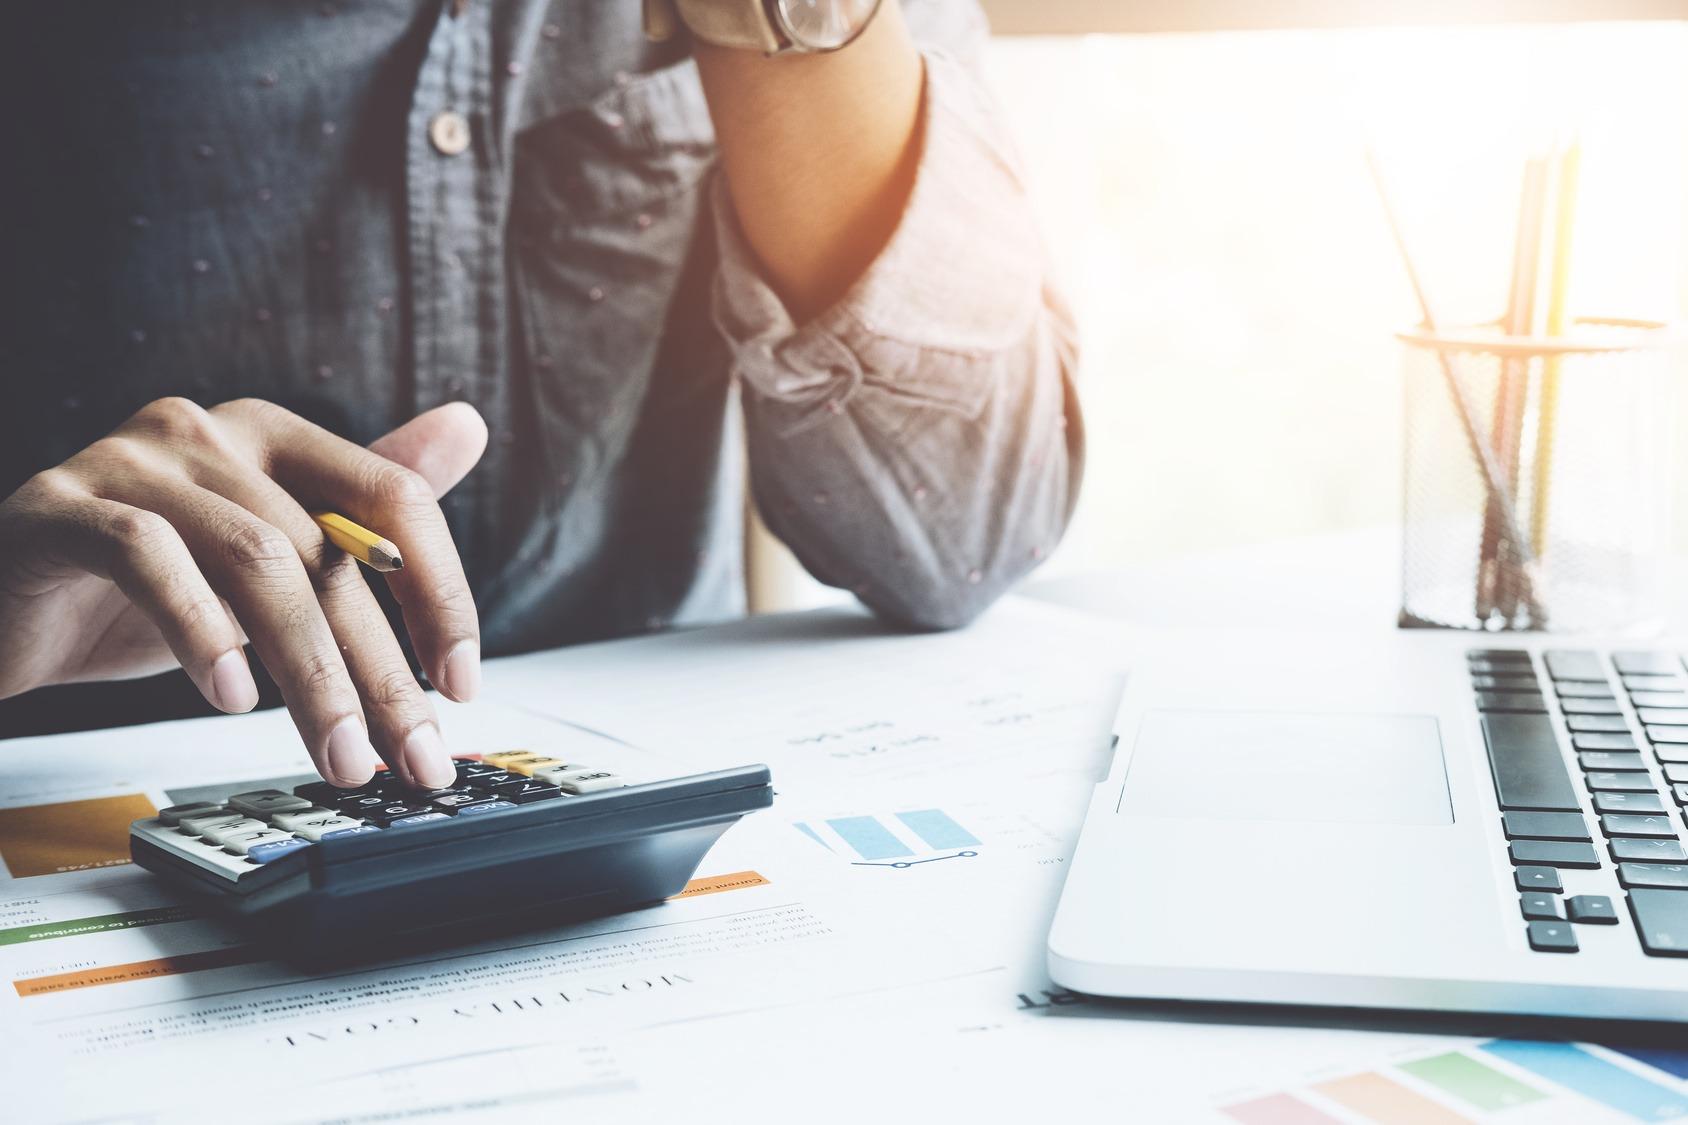 Ein Bewerber sitzt am Schreibtisch und berechnet etwas mit einem Taschenrechner. Nahaufnahme auf den Taschenrechner.